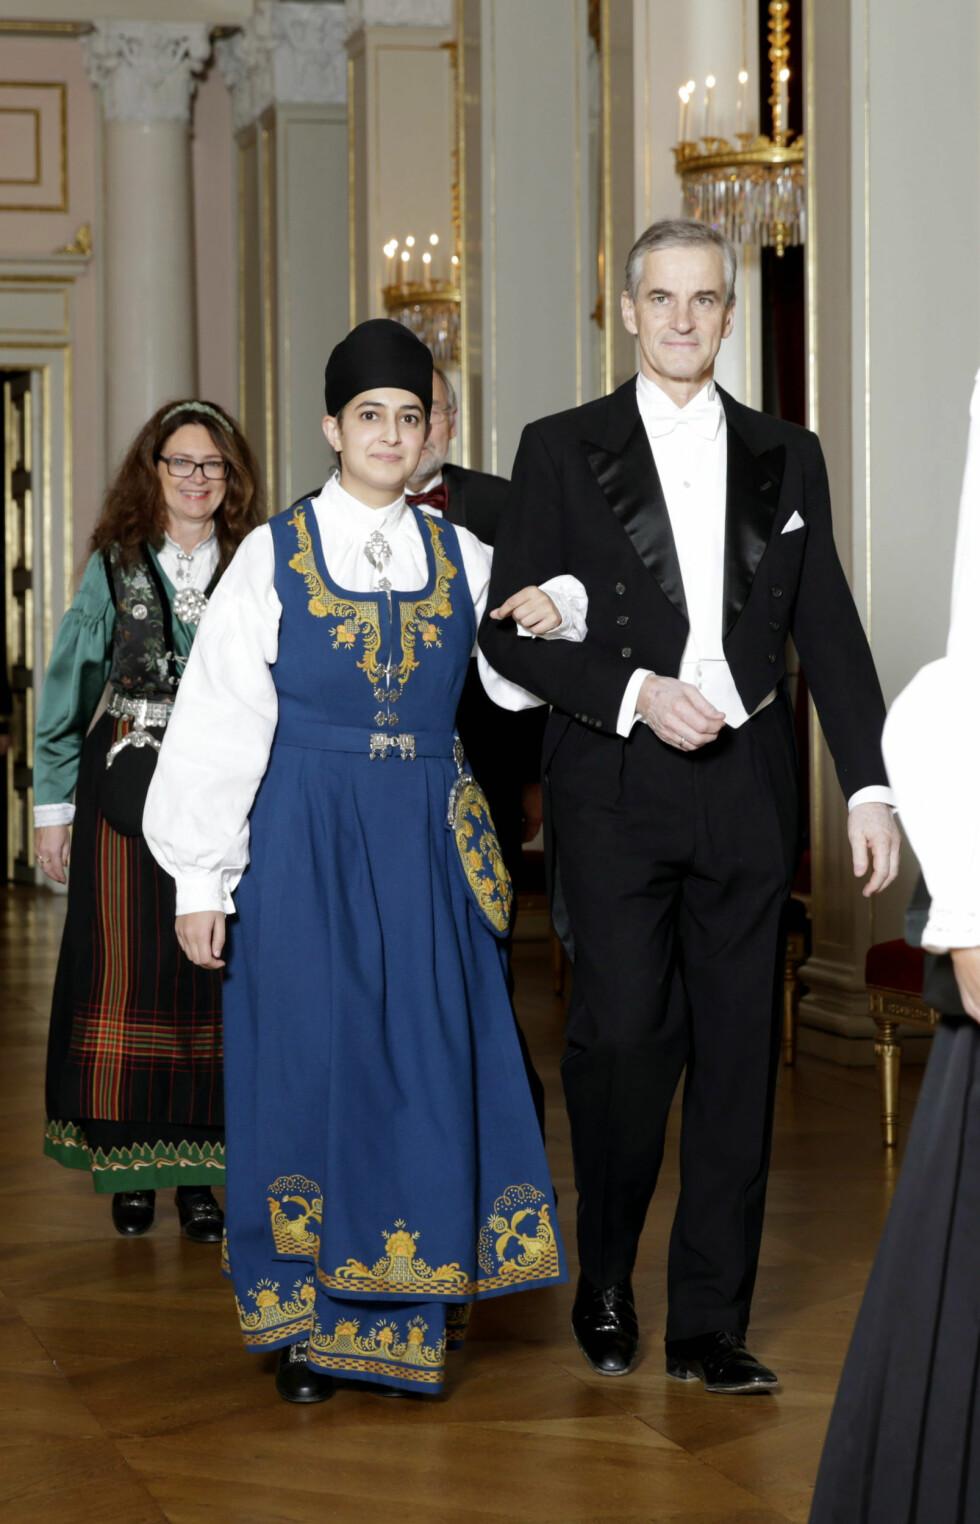 VALGTE BUNAD: Politiker Prableen Kaur kom arm i arm med leder i Arbeiderpartiet Jonas, Gahr Støre. Foto: NTB scanpix